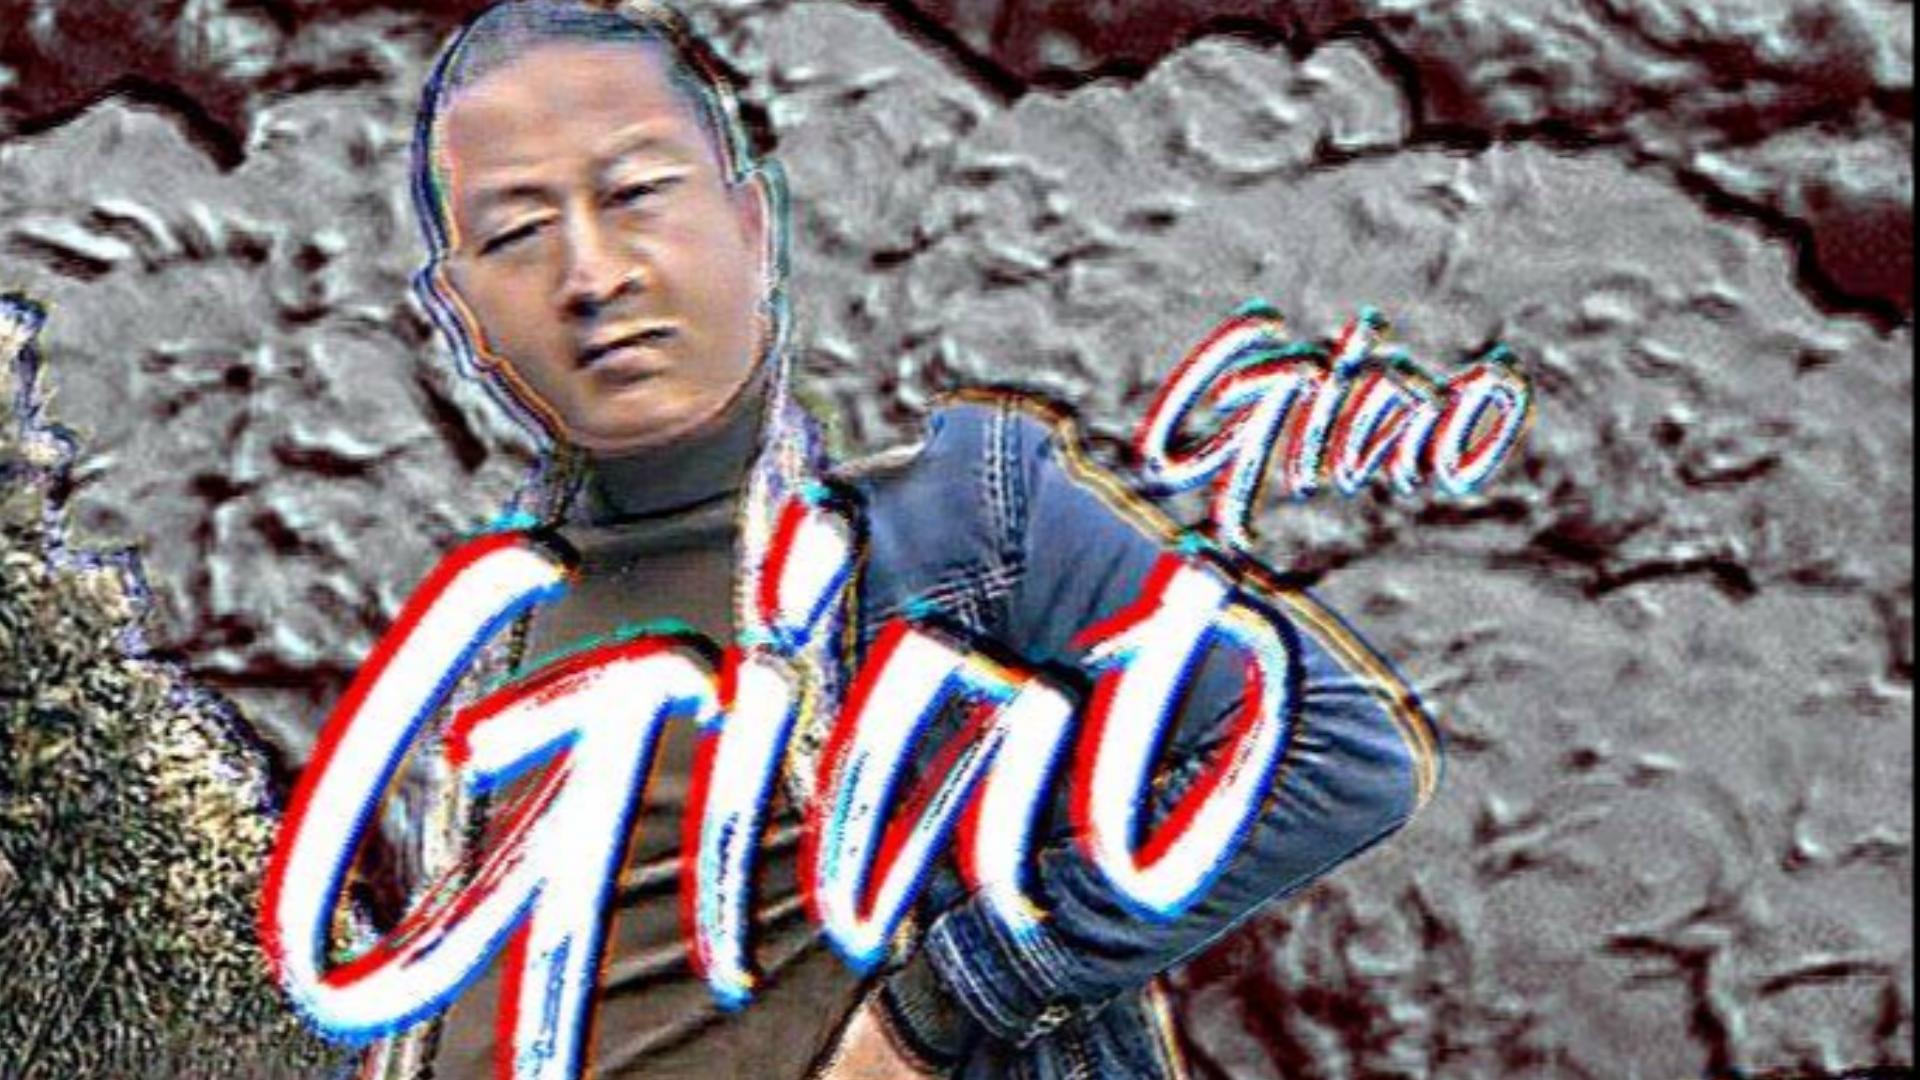 【Giao哥rap单曲】Giao生